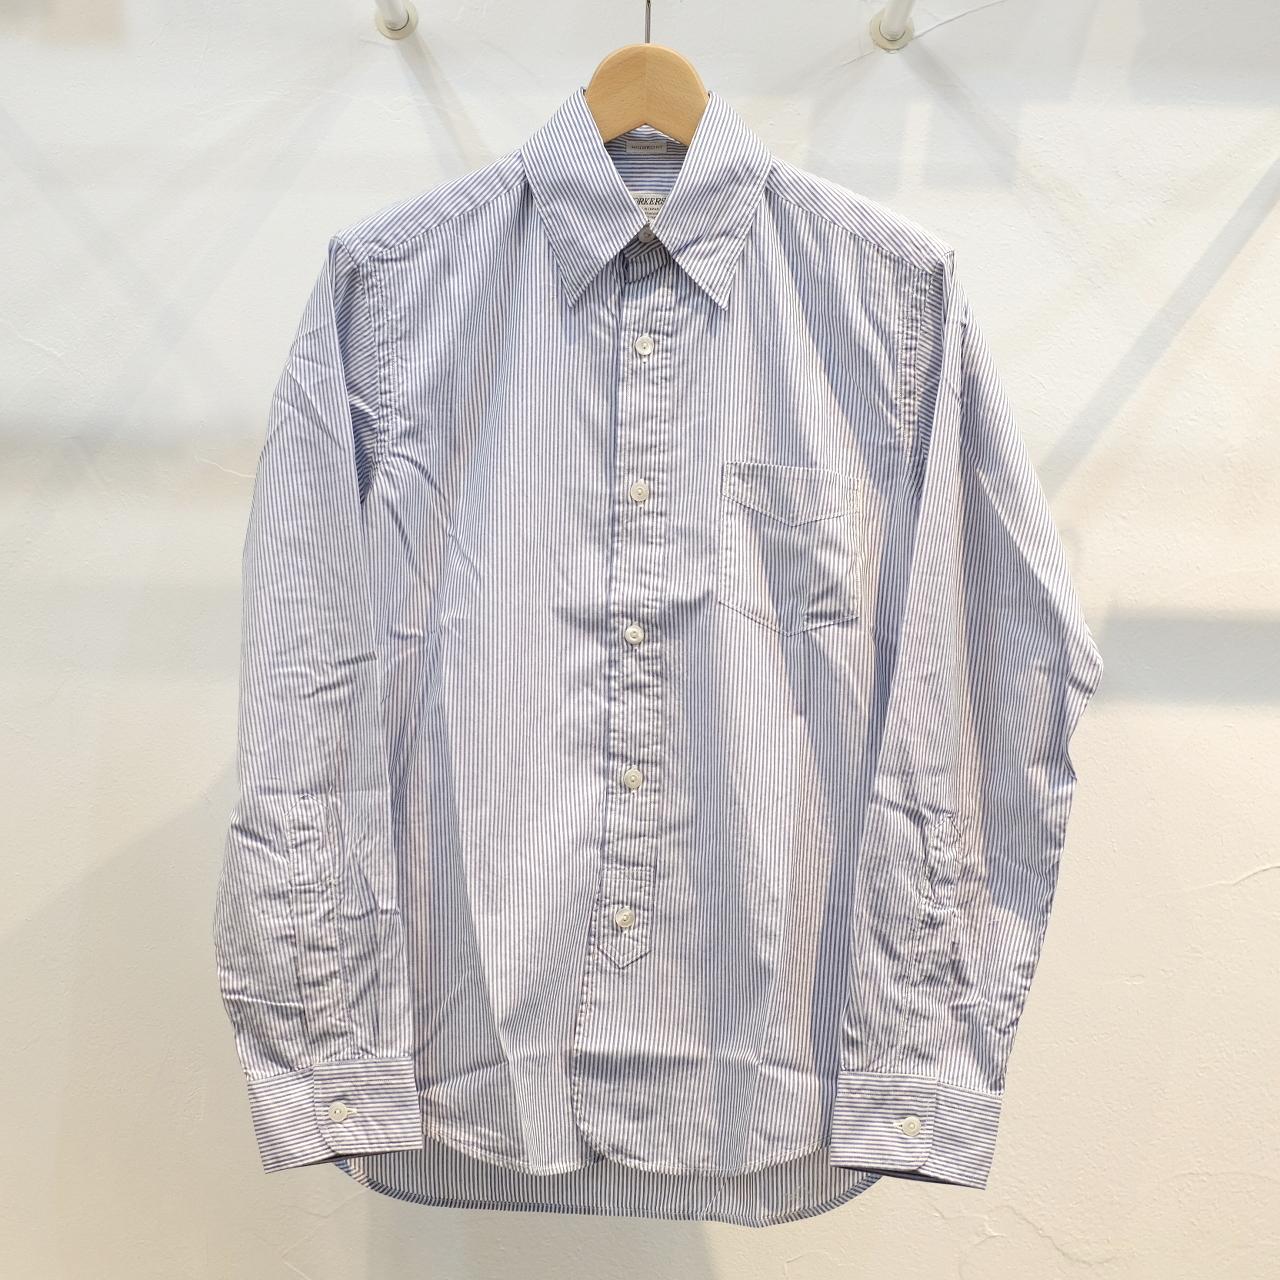 Workers(ワーカーズ) Lot20 ヒドゥンボタンダウンシャツ ブルーストライプ